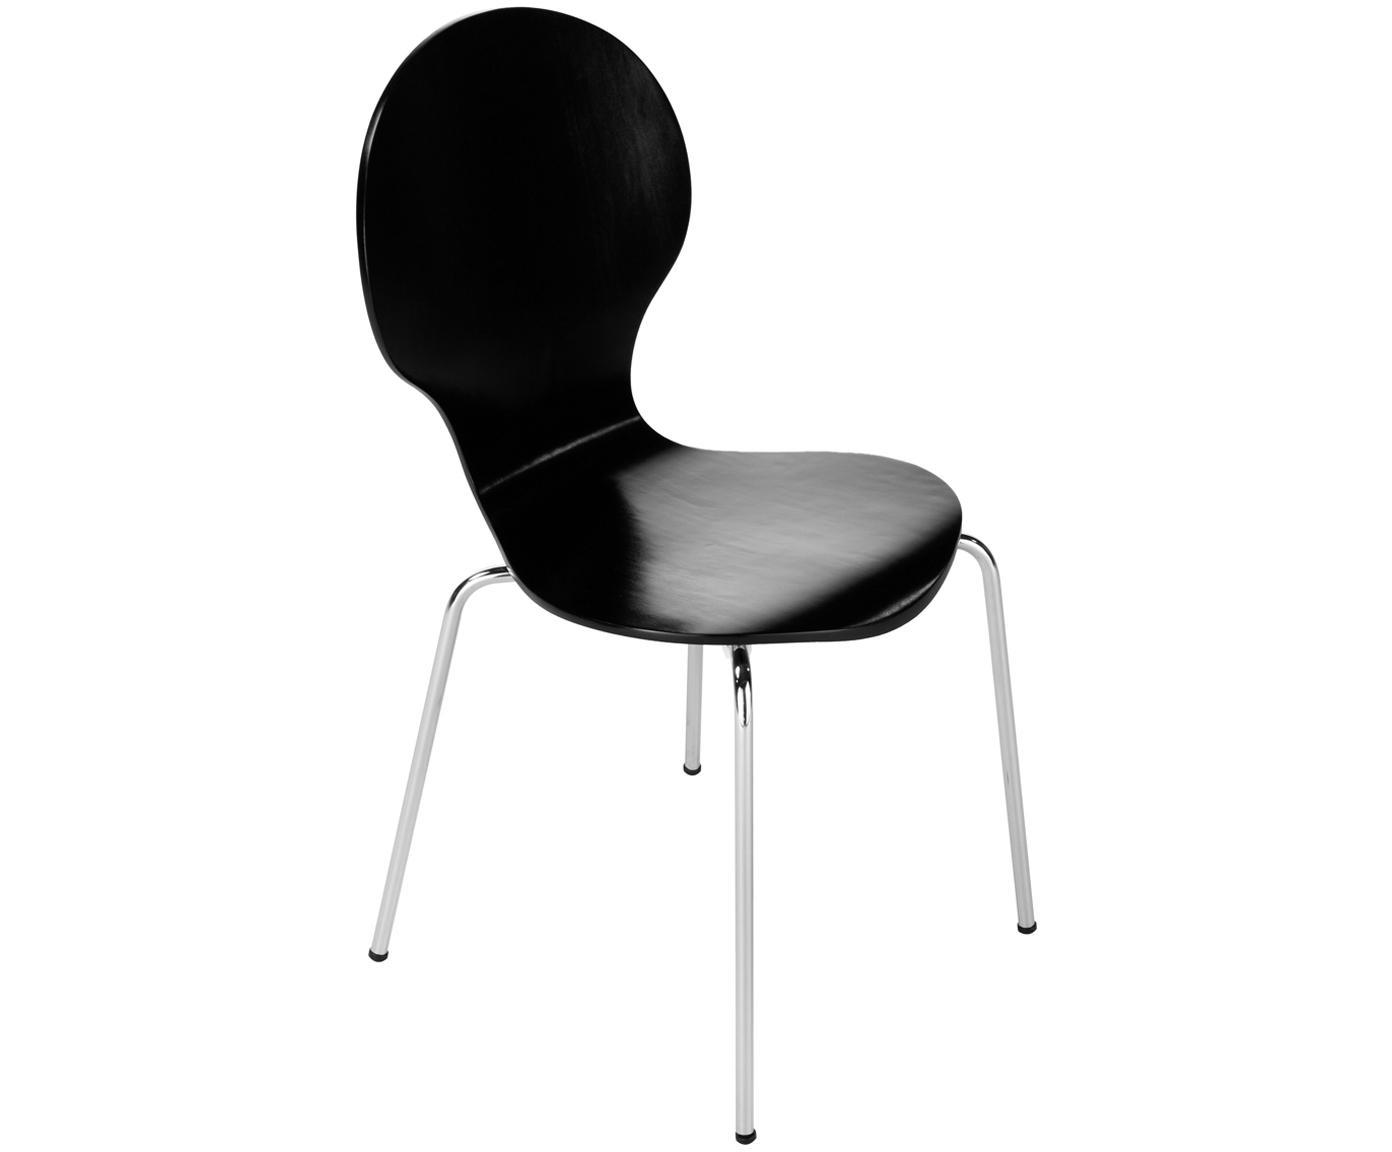 Sedie Marcus, 4 pz., Seduta: fibra a media densità, Struttura: acciaio, cromato, Nero, L 49 x A 87 cm